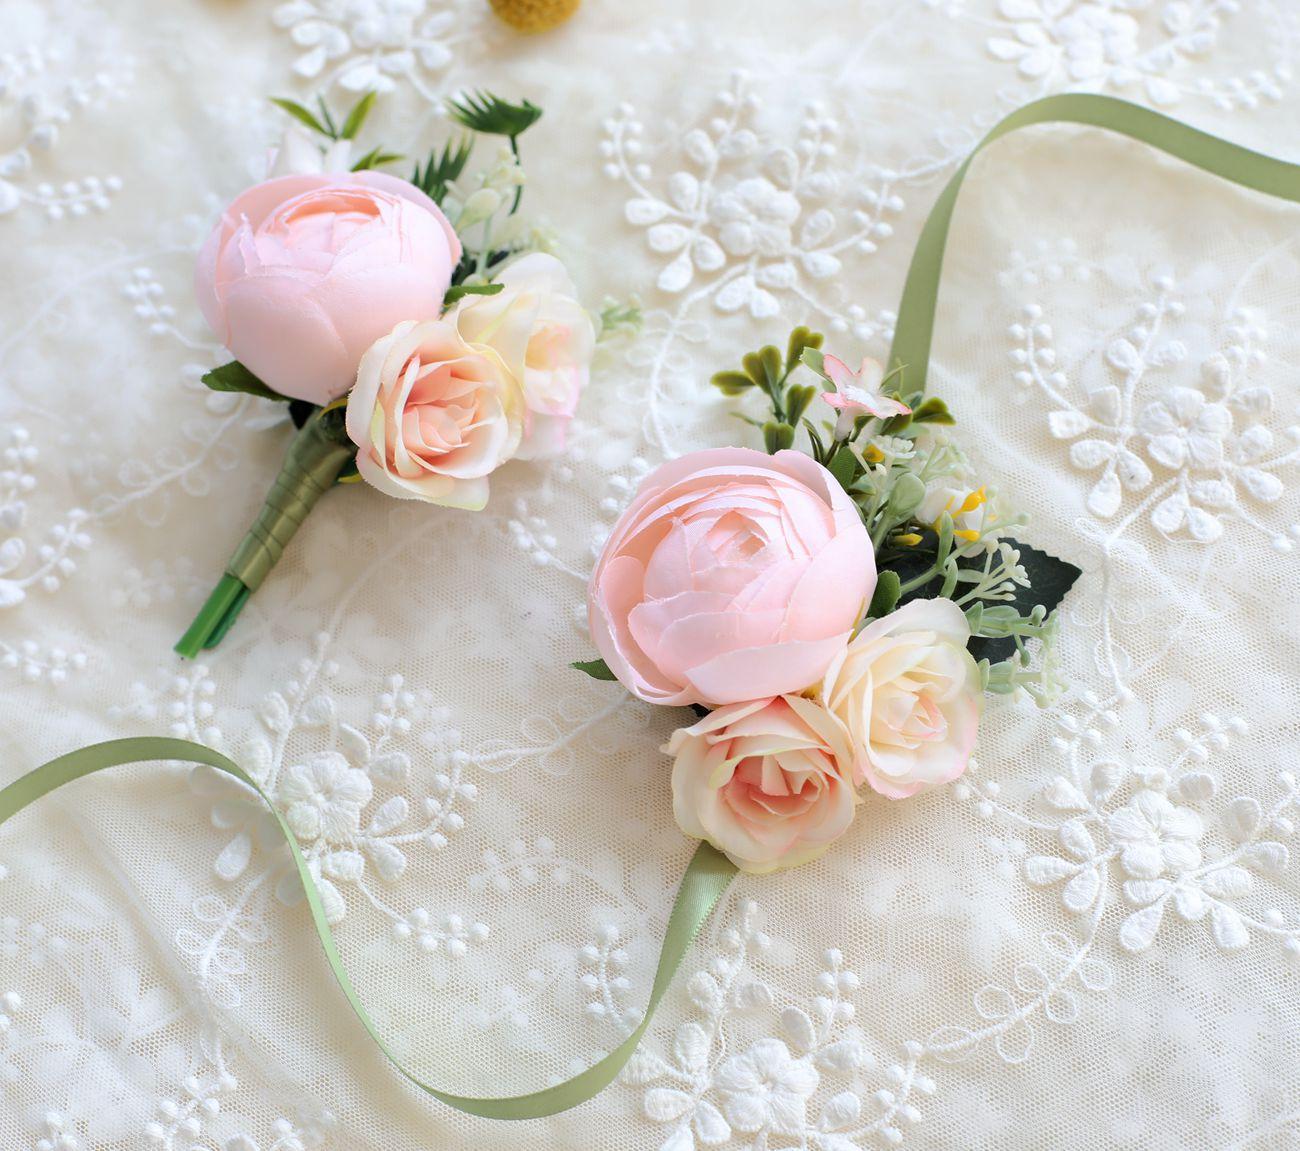 Wedding Hand Bouquet Flower: Flower Bride Boutonniere Wedding Bouquet Flowers